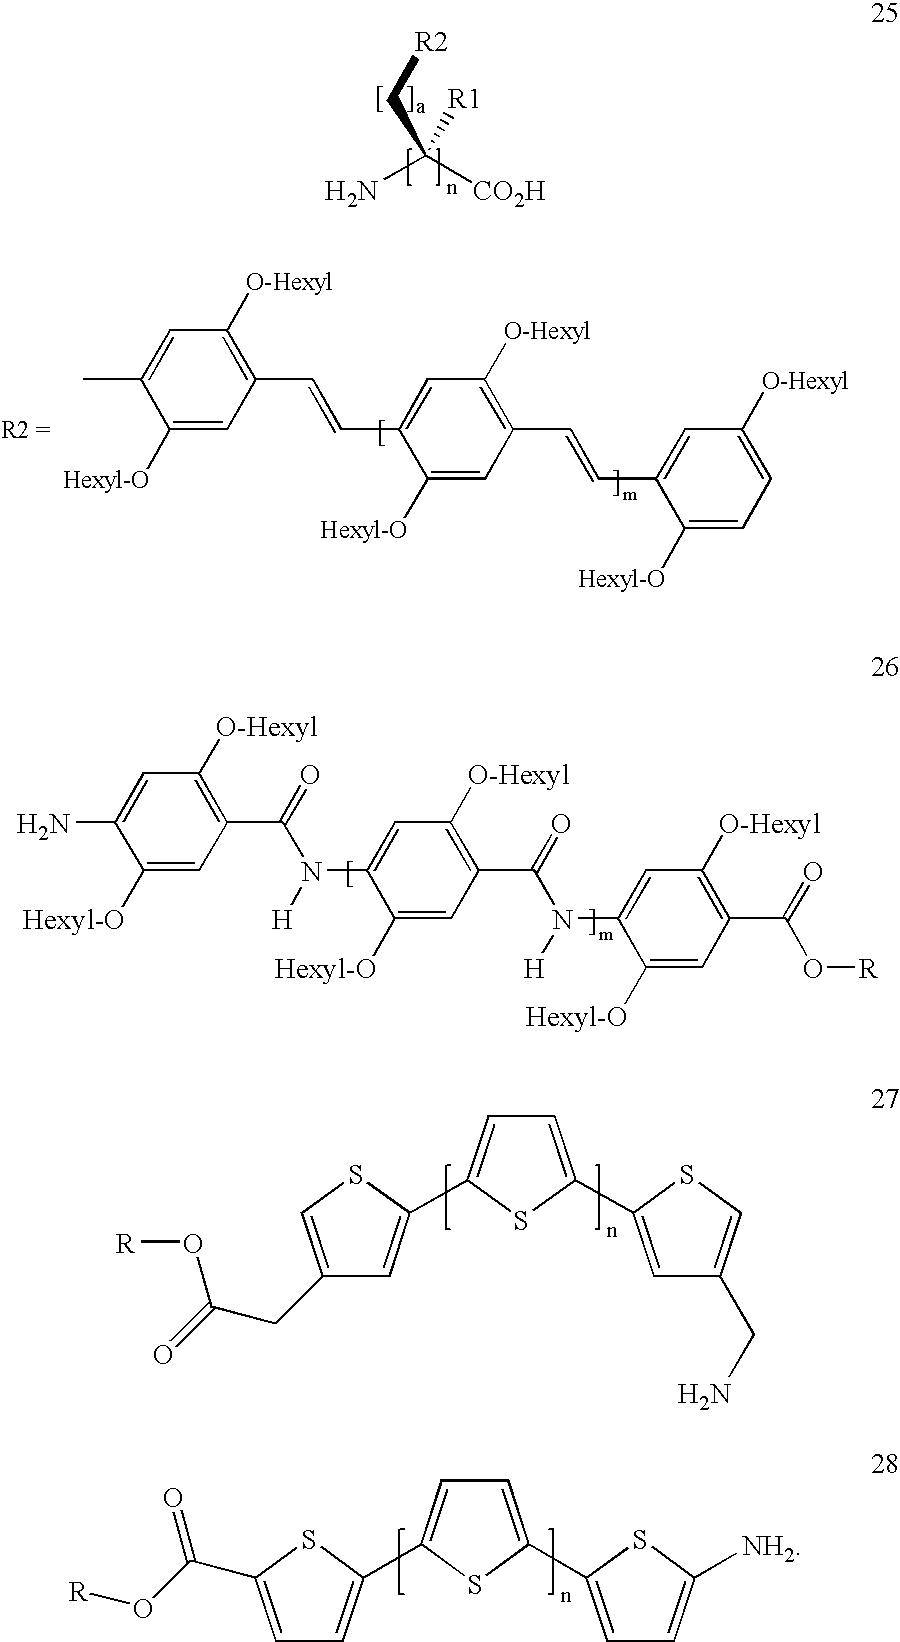 Figure US20090127515A1-20090521-C00004